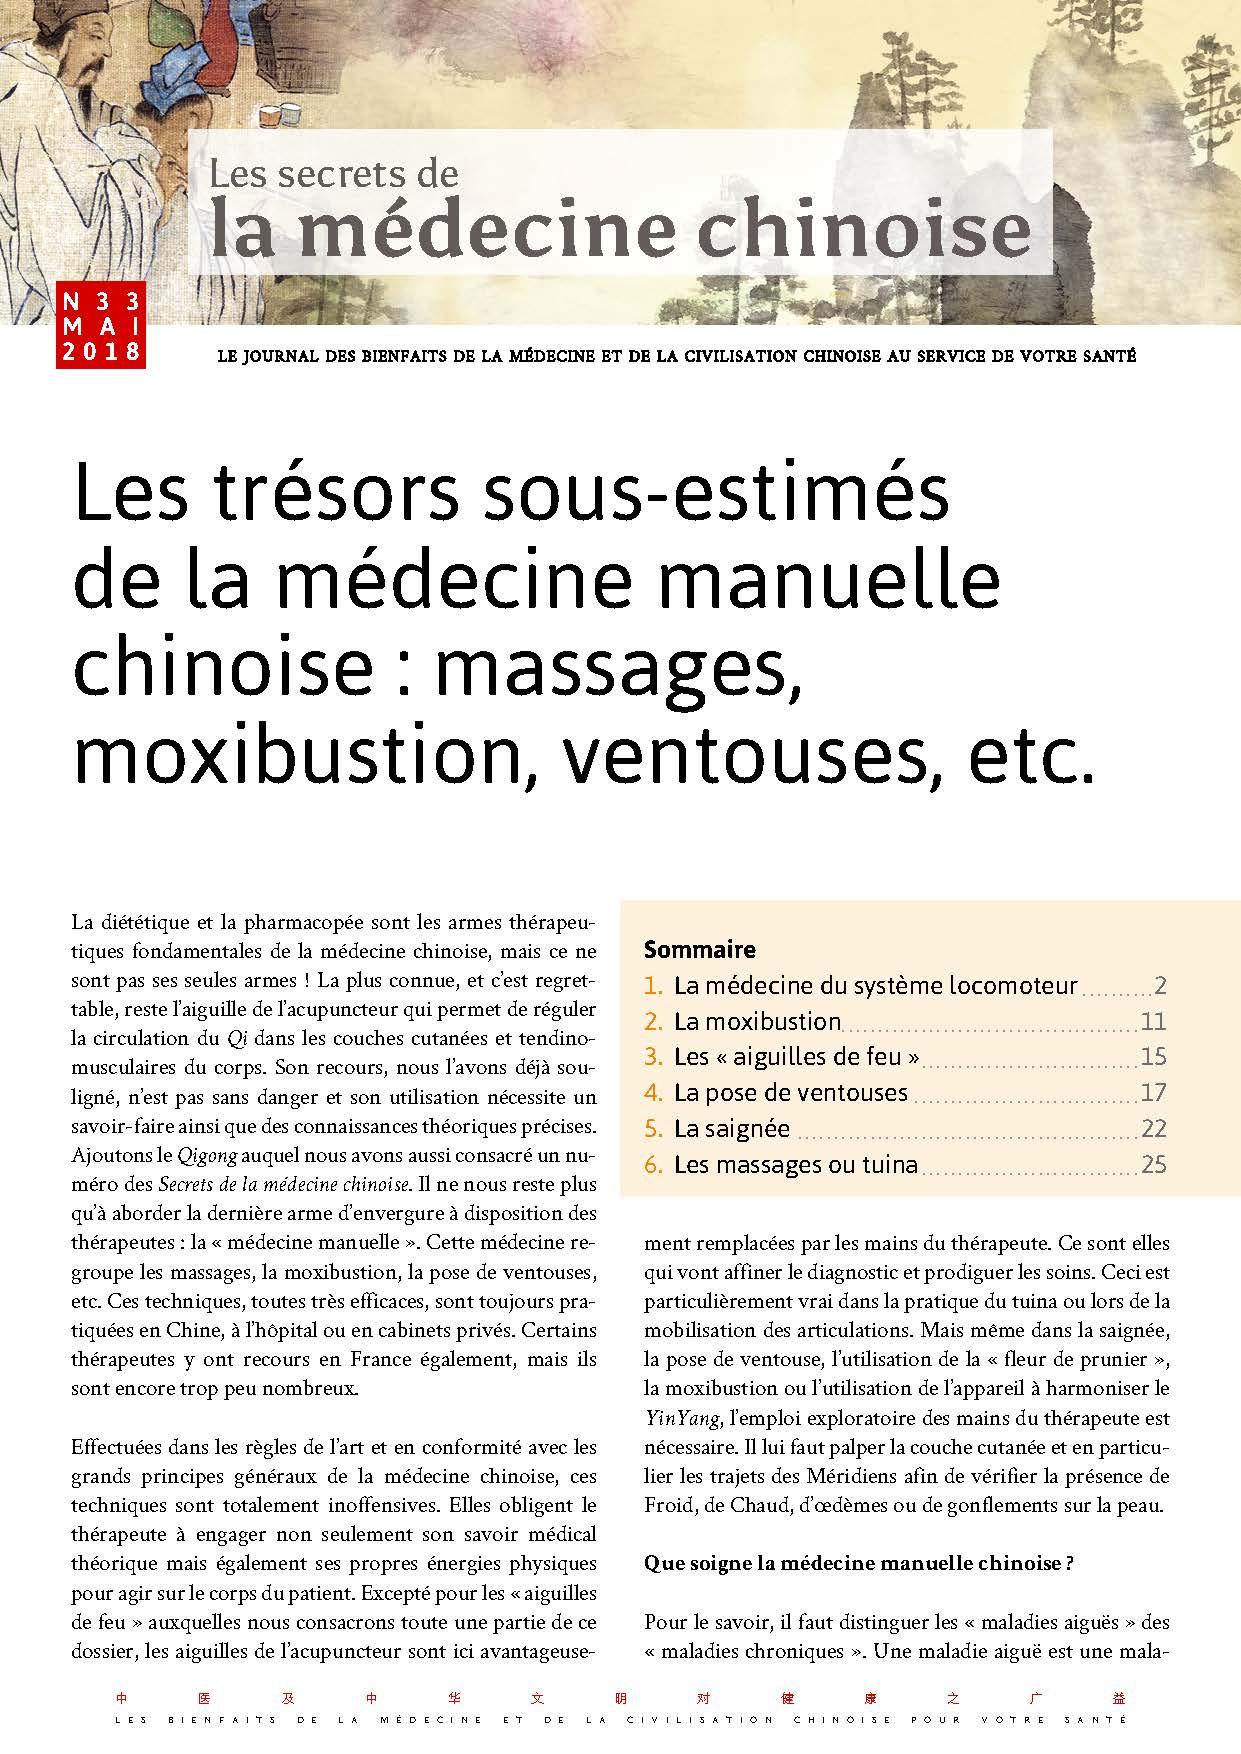 33-Mai-2018-Les-tresors-sous-estimes-de-la-medecine-manuelle-chinoise-massages-moxibustion-ventouses-etc-SD